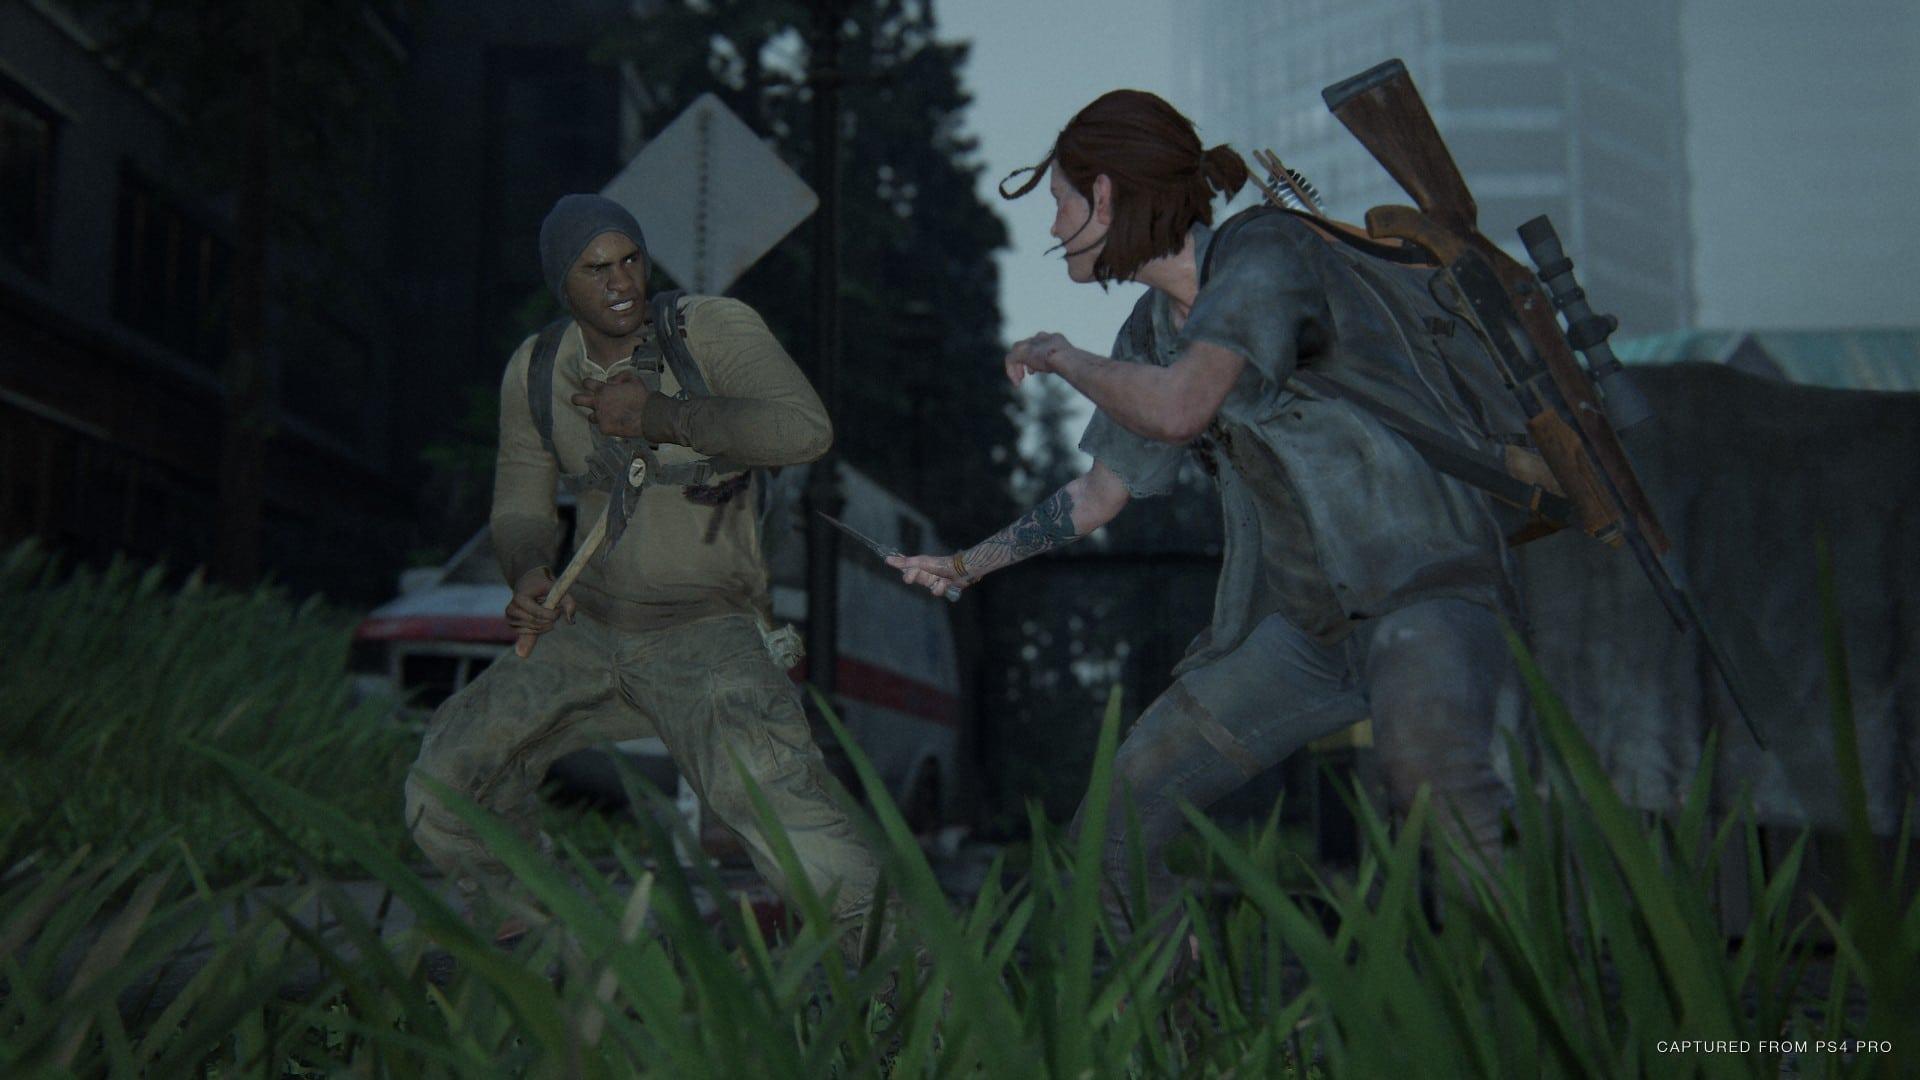 Ellie enfrentando um inimigo armado nas ruas de Seattle em The Last of Us Part II